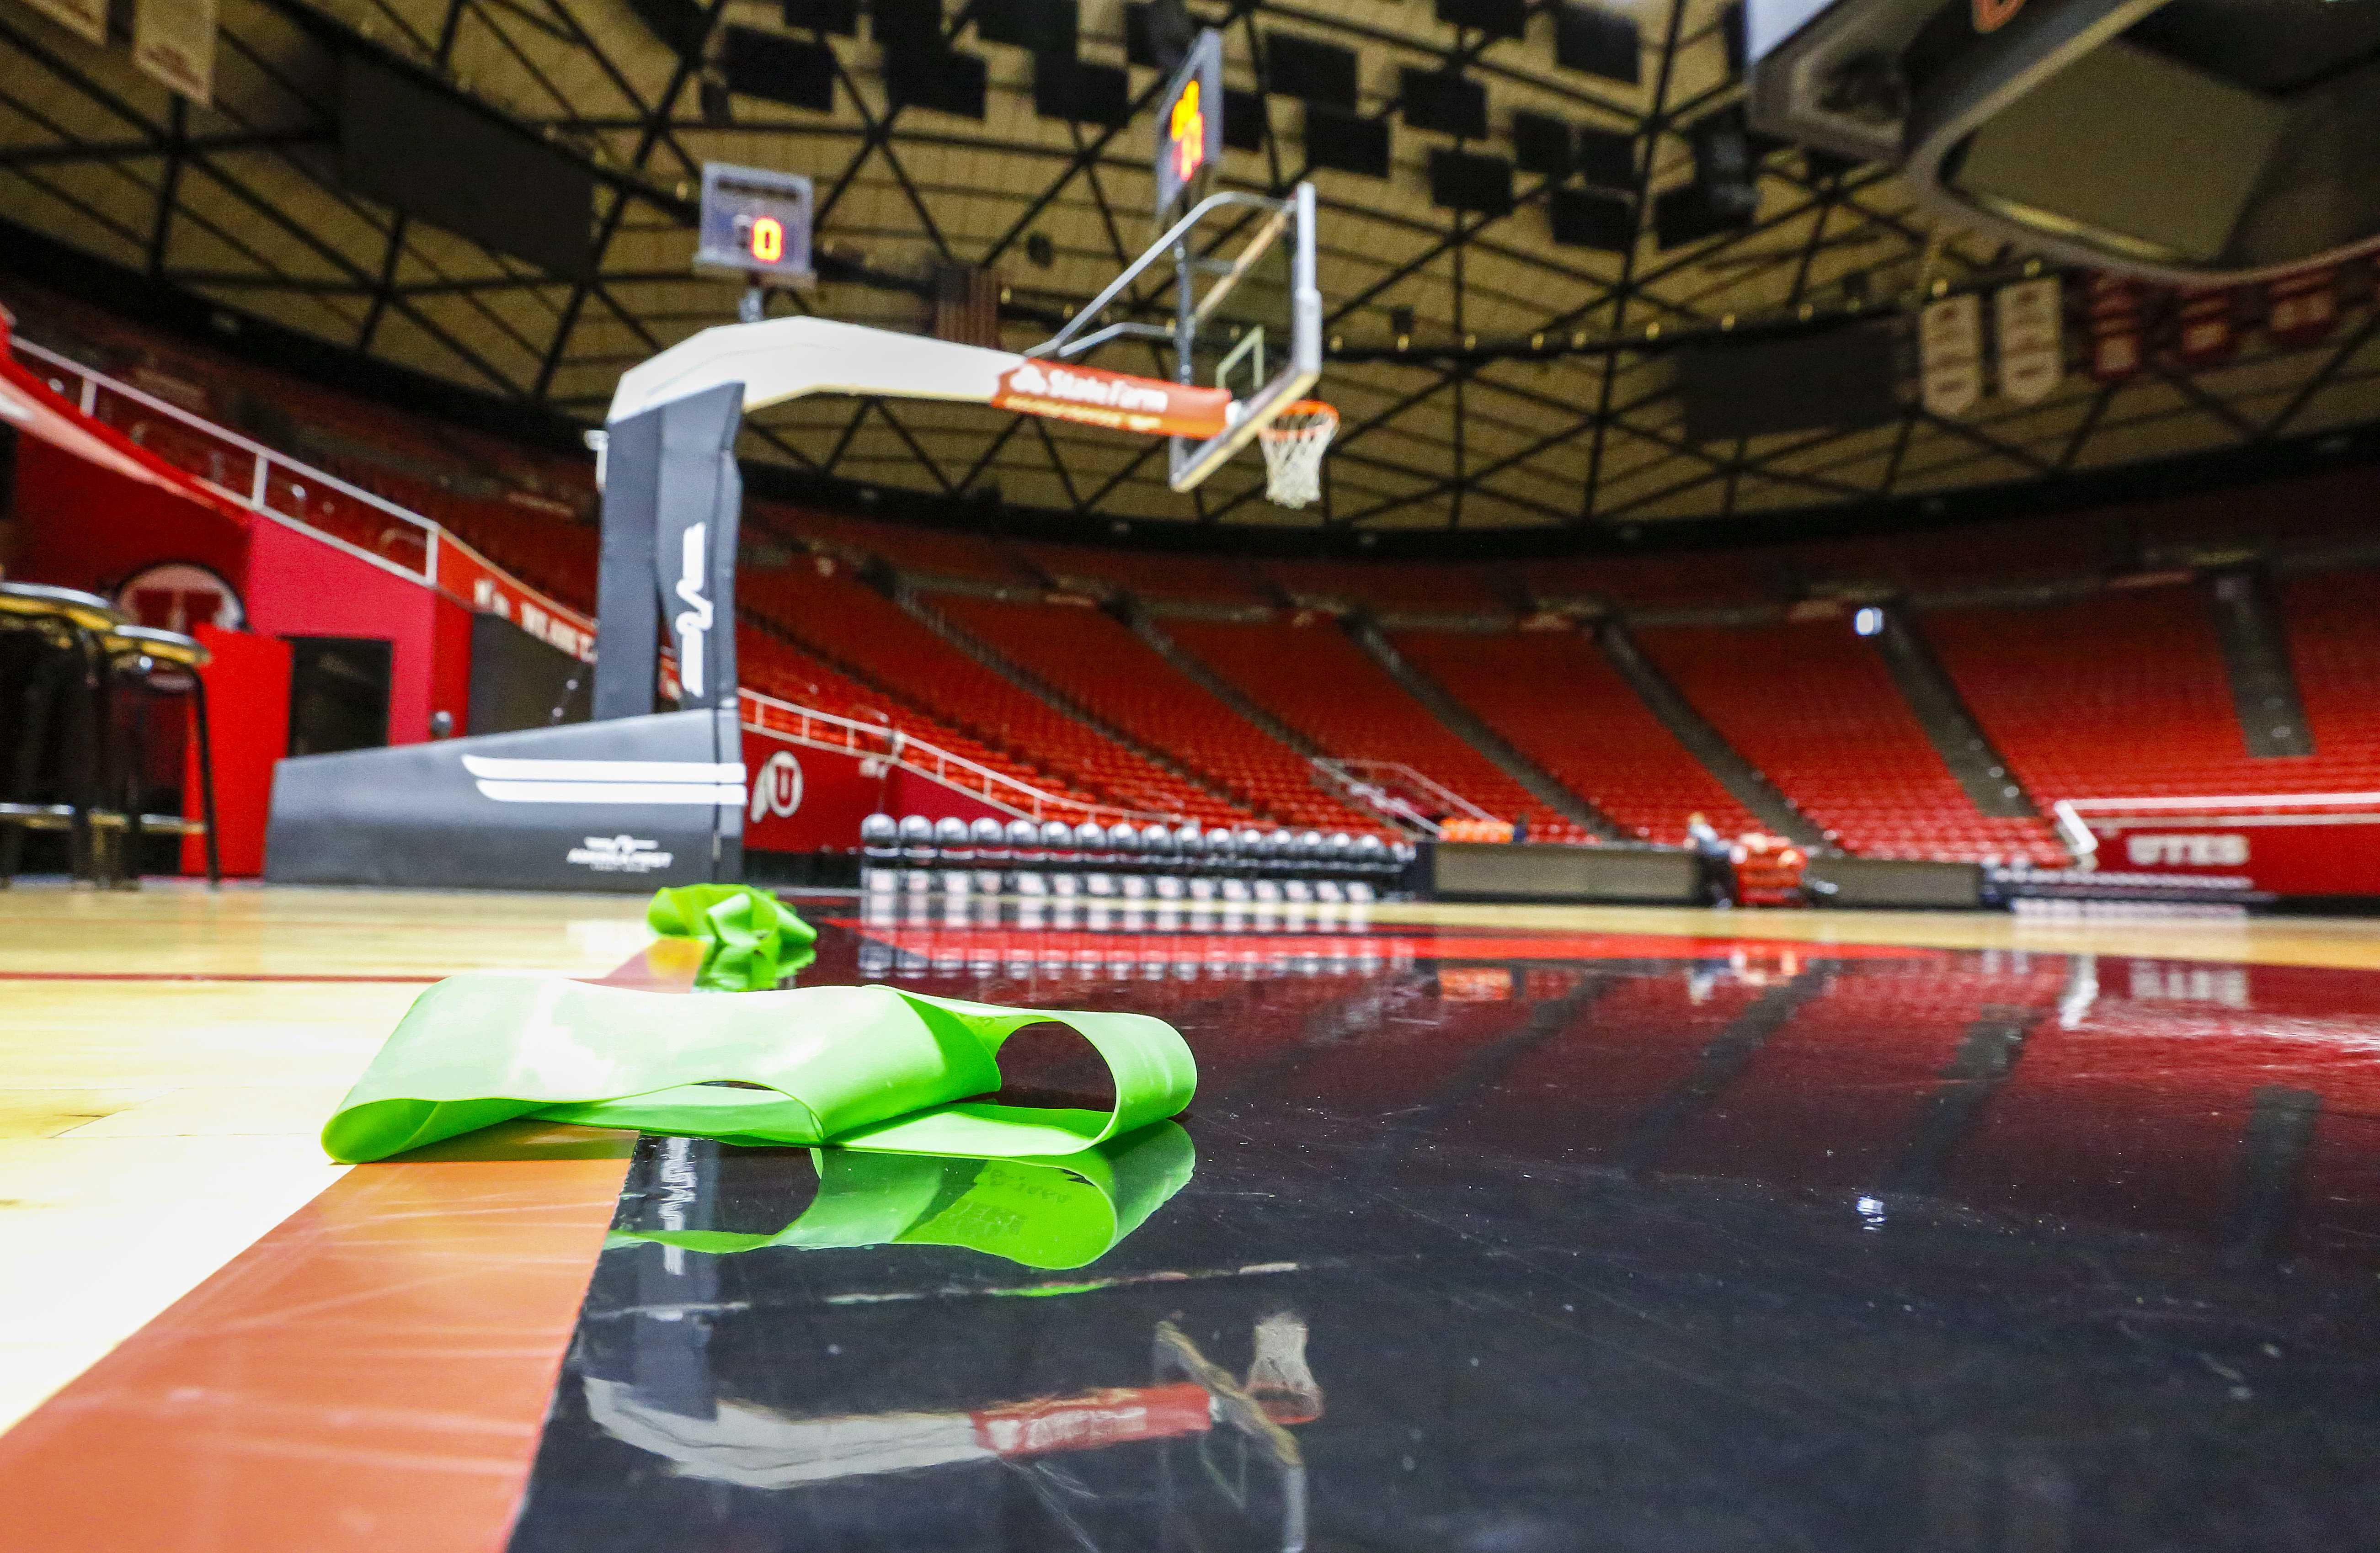 University of Utah Womens Basketball practice at the Jon M. Huntsman Center in Salt Lake City, UT on Wednesday, Jan. 10, 2018  (Photo by Adam Fondren | Daily Utah Chronicle)